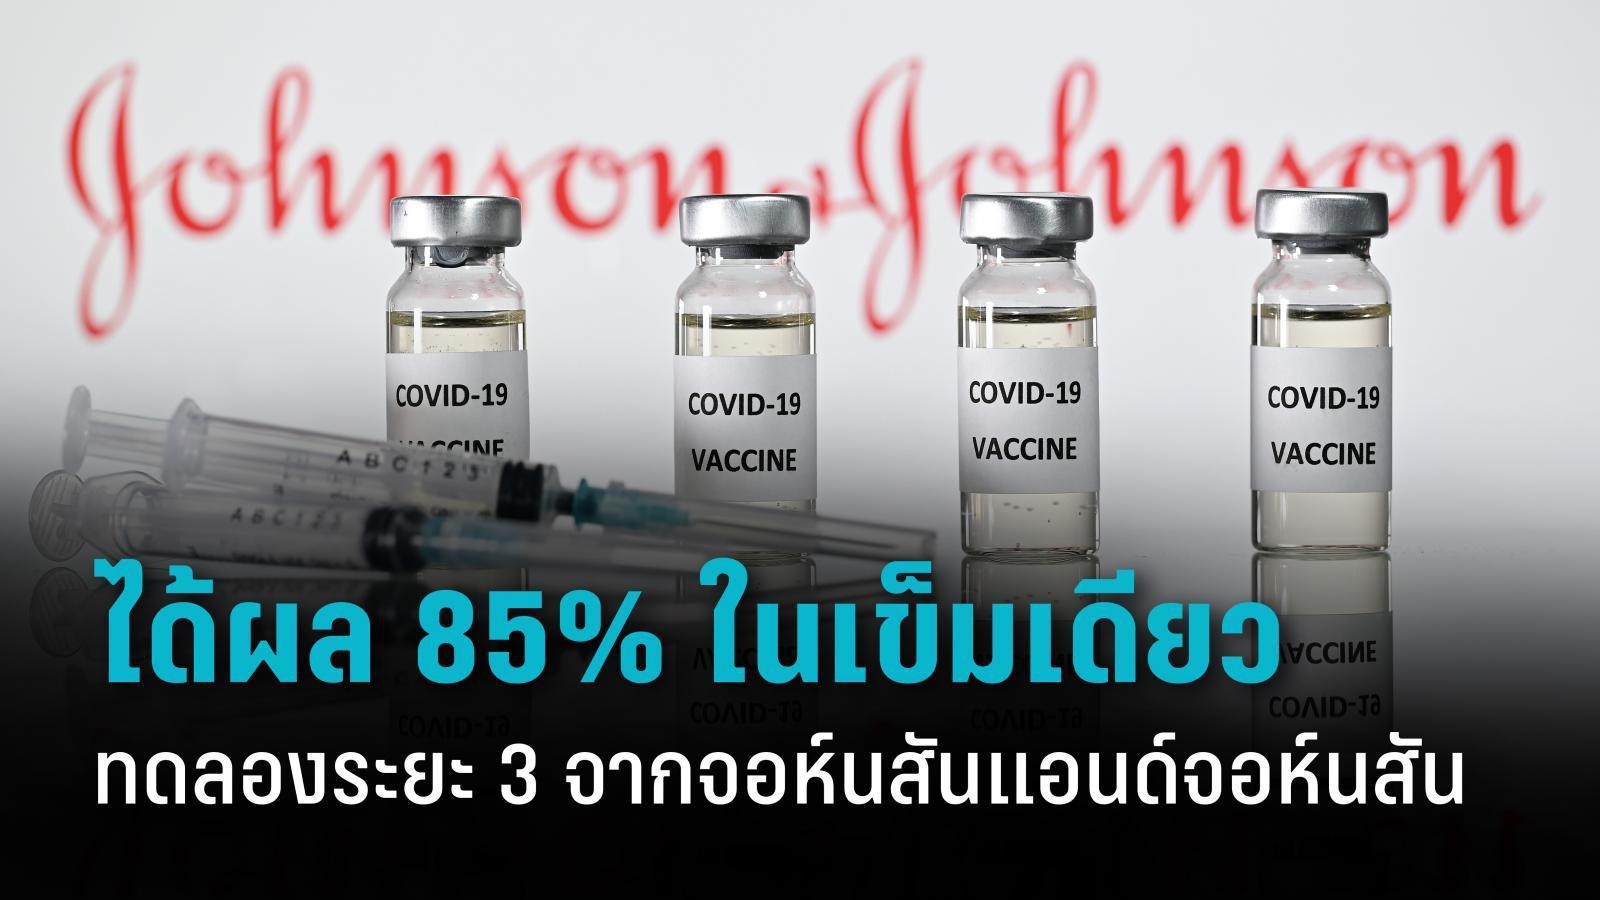 """ข่าวดี! พบวัคซีนโควิดโดสเดียว """"จอห์นสัน แอนด์ จอห์นสัน"""" มีประสิทธิภาพสูง ใกล้อนุมัติใช้ฉุกเฉิน"""